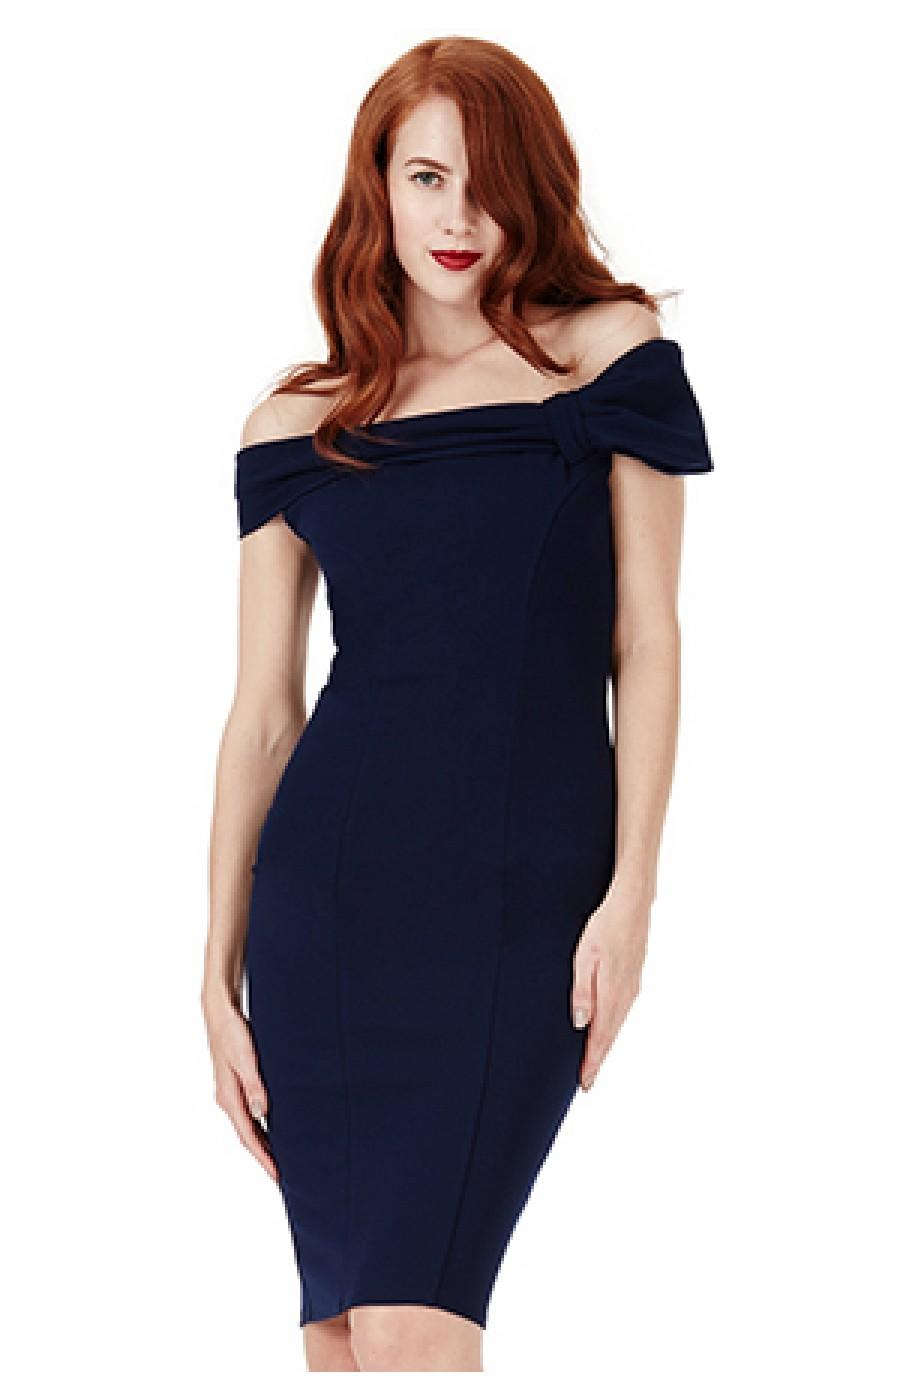 Μίντι σκούρο μπλέ φόρεμα με λεπτομέρεια φιόγκο μπροστά